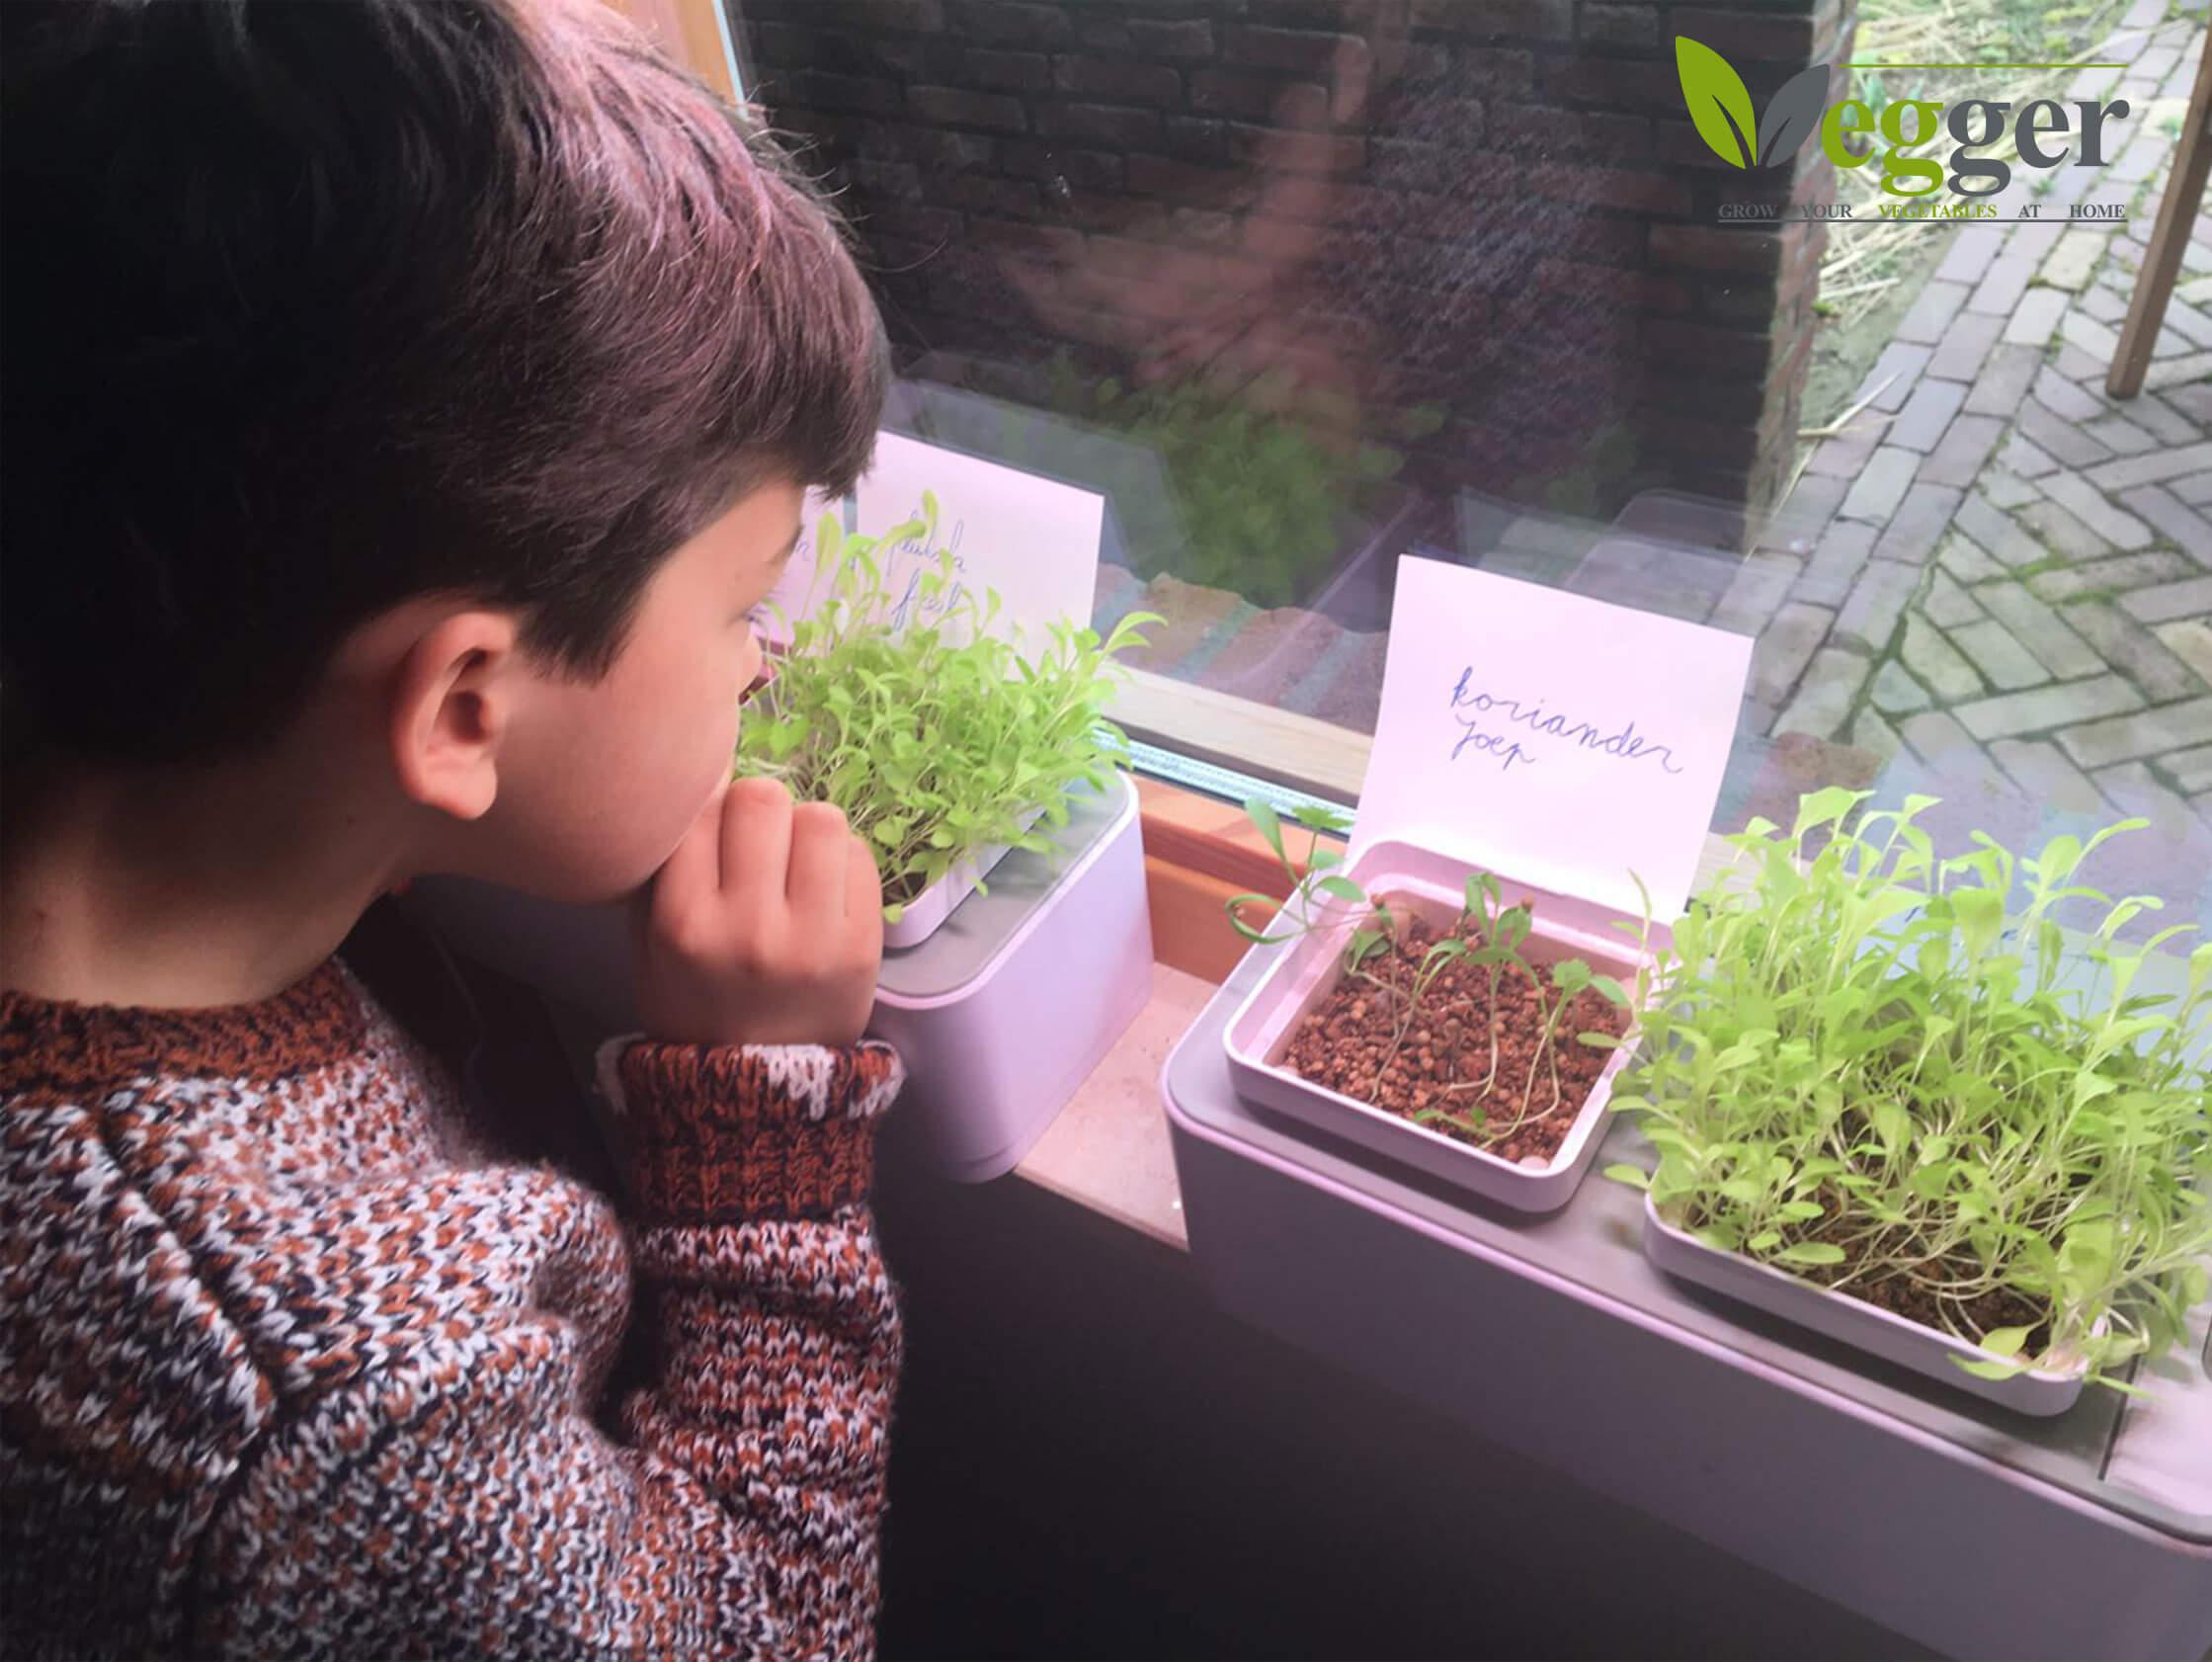 VEGGER Scholen – Voedsel En Voedingseducatie